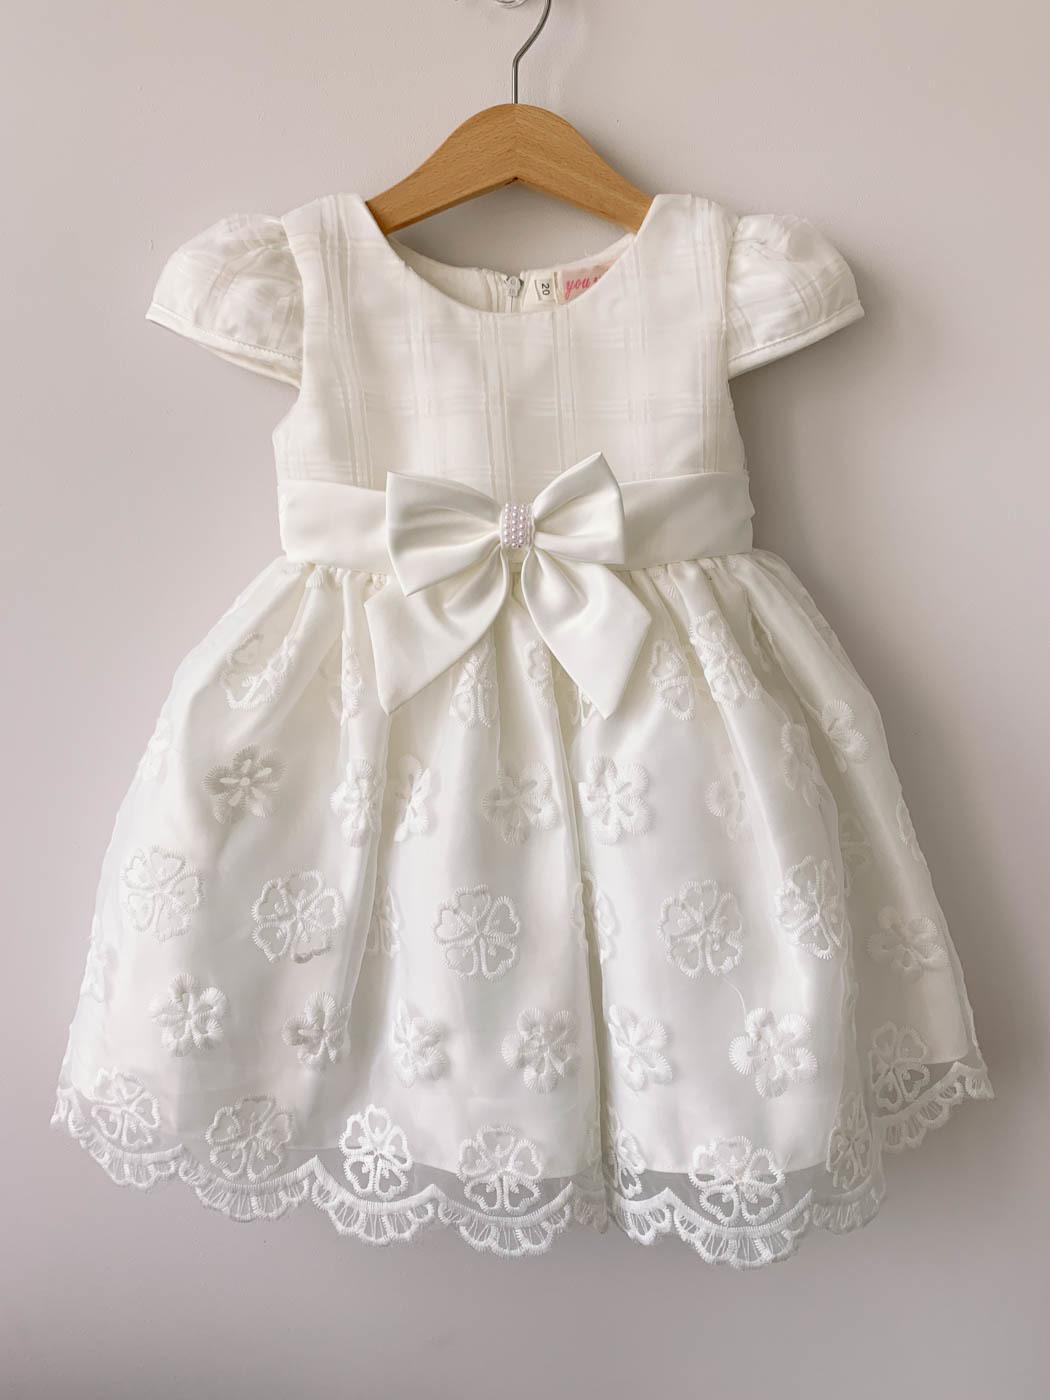 Нарядное платье  You yi